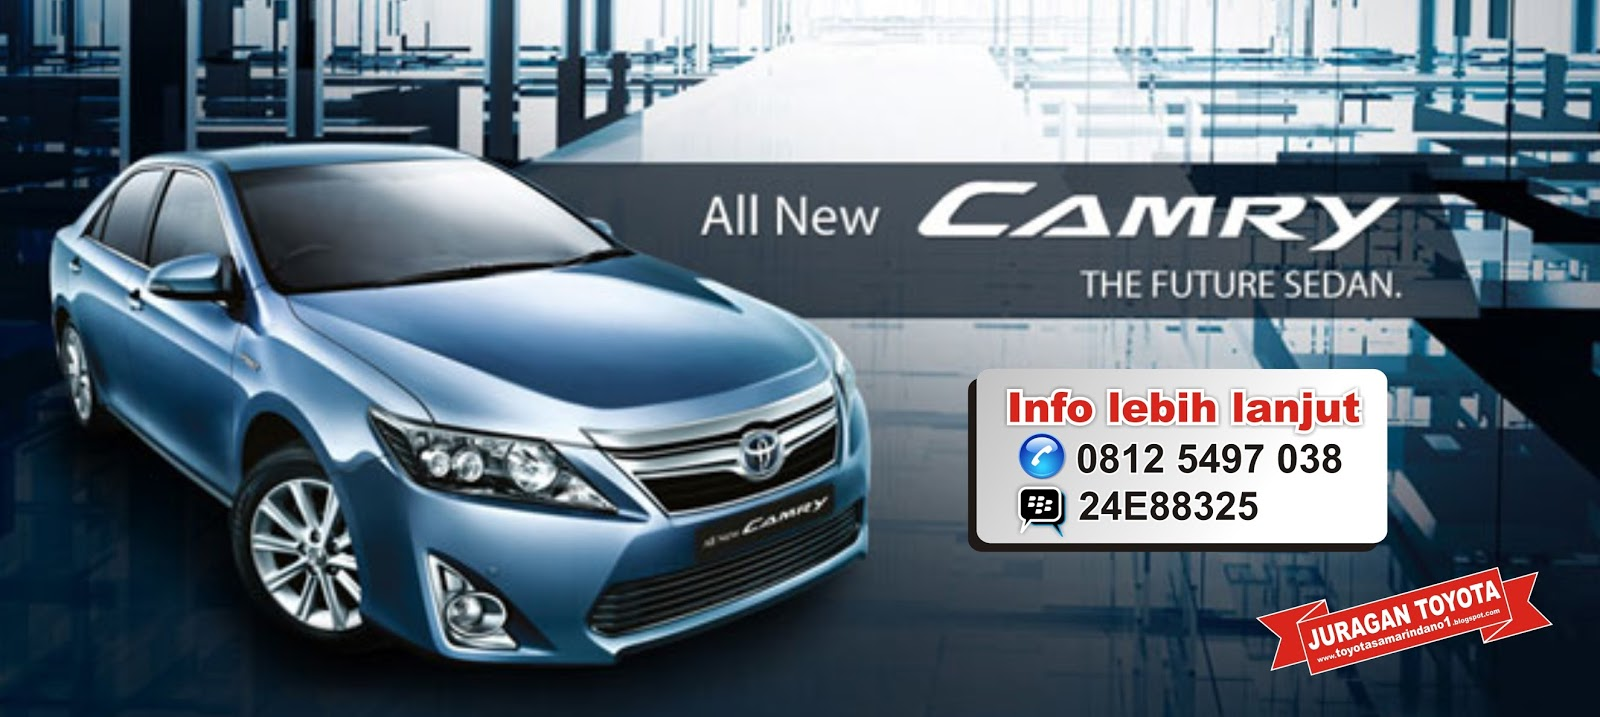 Jual All New Camry Interior Grand Avanza Tipe E 08125497038 Toyota Harga Kredit Spesifikasi Mobil Gambar Foto